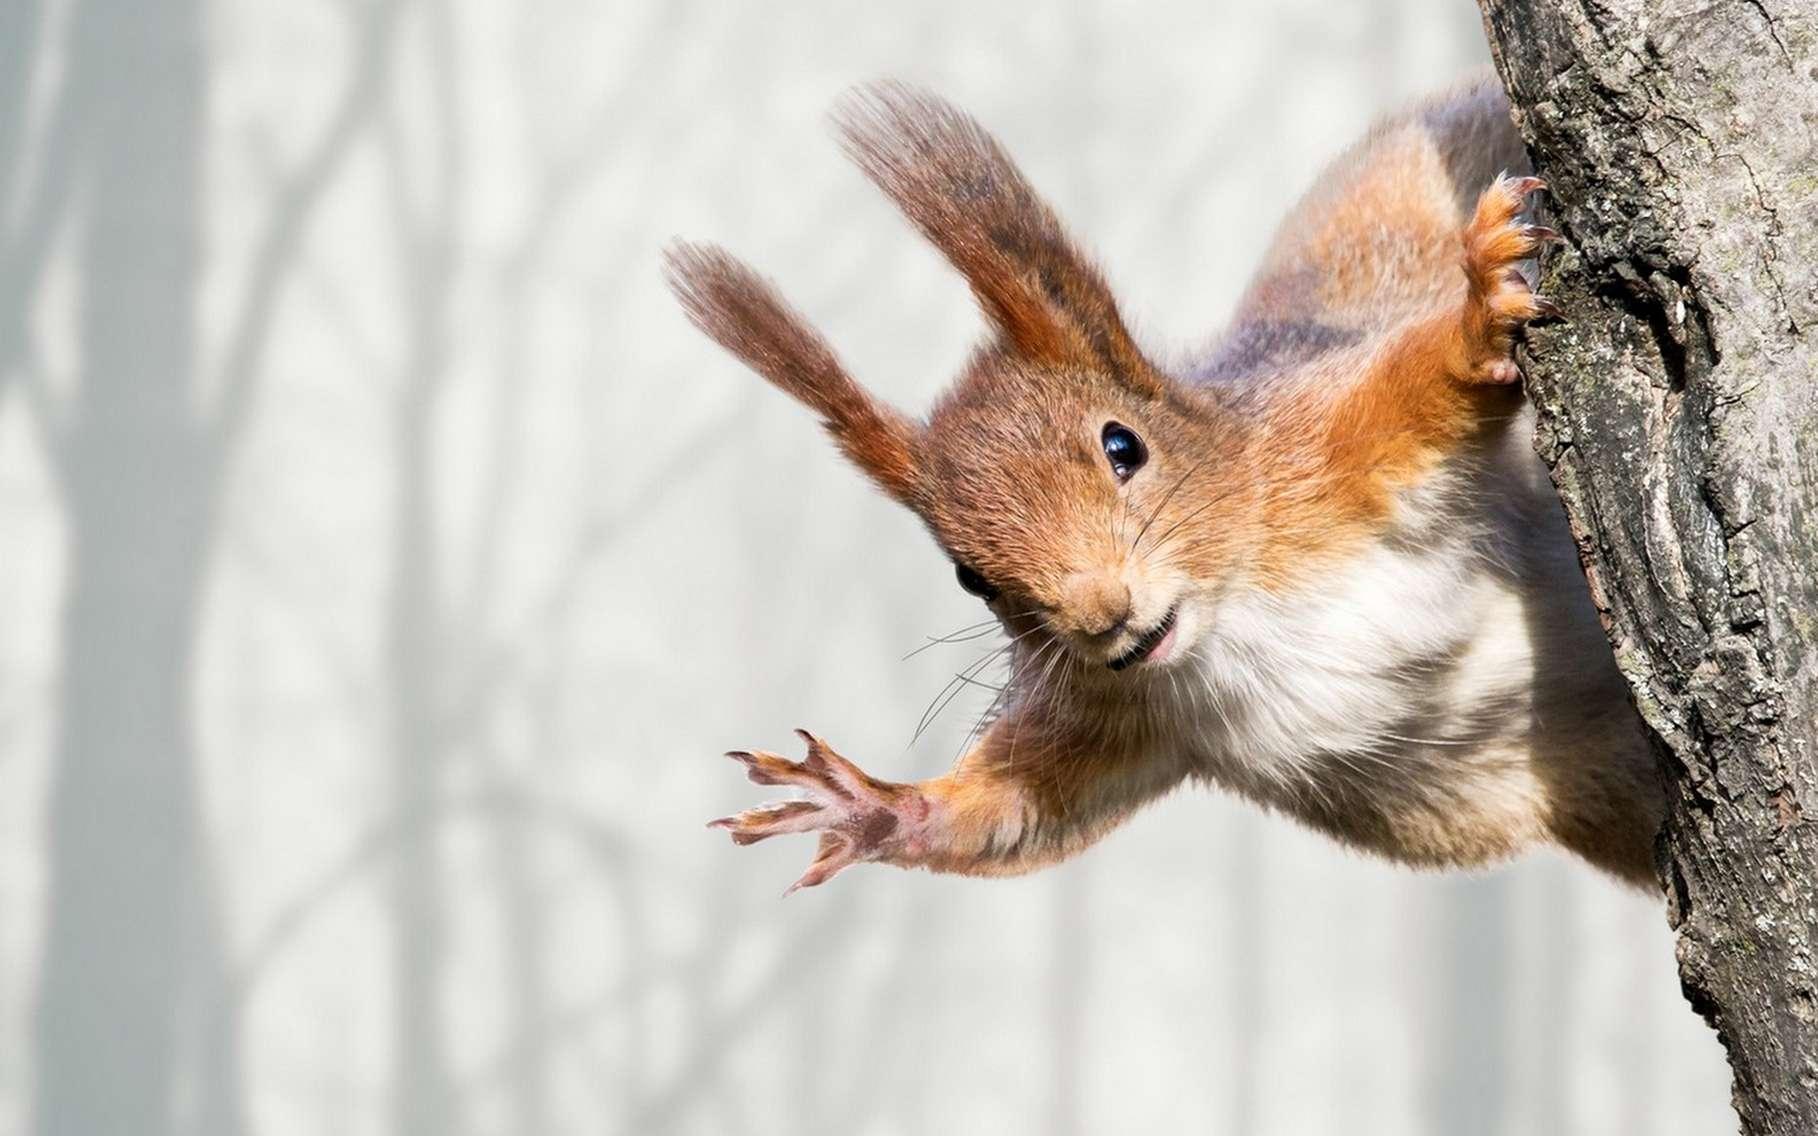 Les écureuils n'aiment pas que les noisettes. Ces rongeurs s'attaquent aussi aux câbles électriques et peuvent parfois provoquer de gros dégâts. © Mr Twister, Fotolia